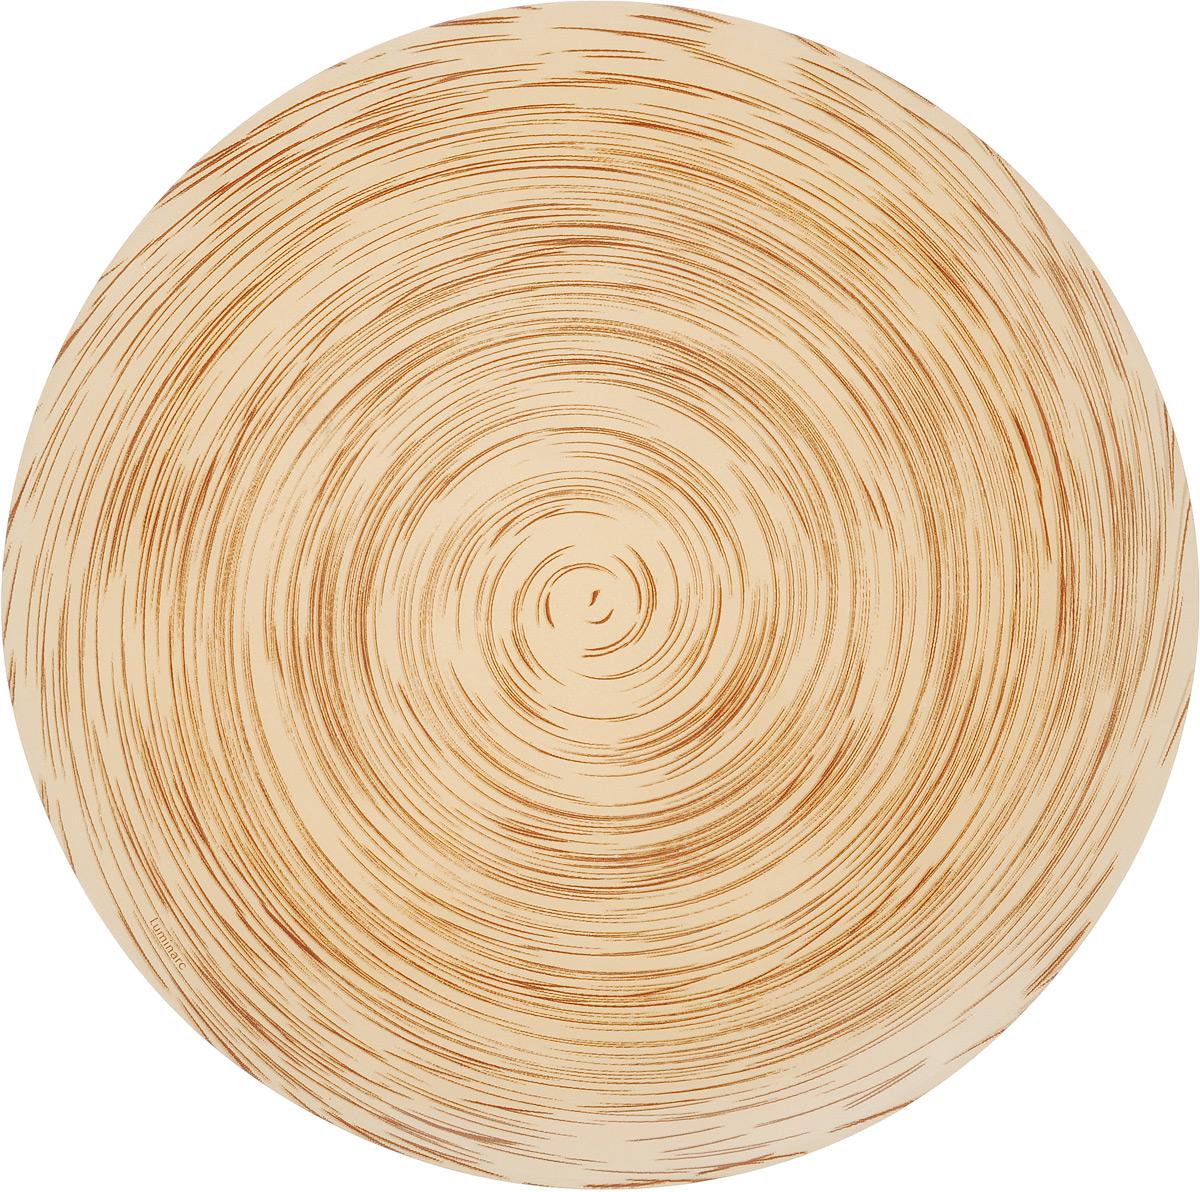 Тарелка обеденная Luminarc Stonemania Cappuccino, диаметр 25 смJ1759Обеденная тарелка Luminarc Stonemania Cappuccino, изготовленная из высококачественного стекла, имеет изысканный внешний вид. Такая тарелка прекрасно подходит как для торжественных случаев, так и для повседневного использования. Идеальна для подачи десертов, пирожных, тортов и многого другого. Она прекрасно оформит стол и станет отличным дополнением к вашей коллекции кухонной посуды. Можно мыть в посудомоечной машине.